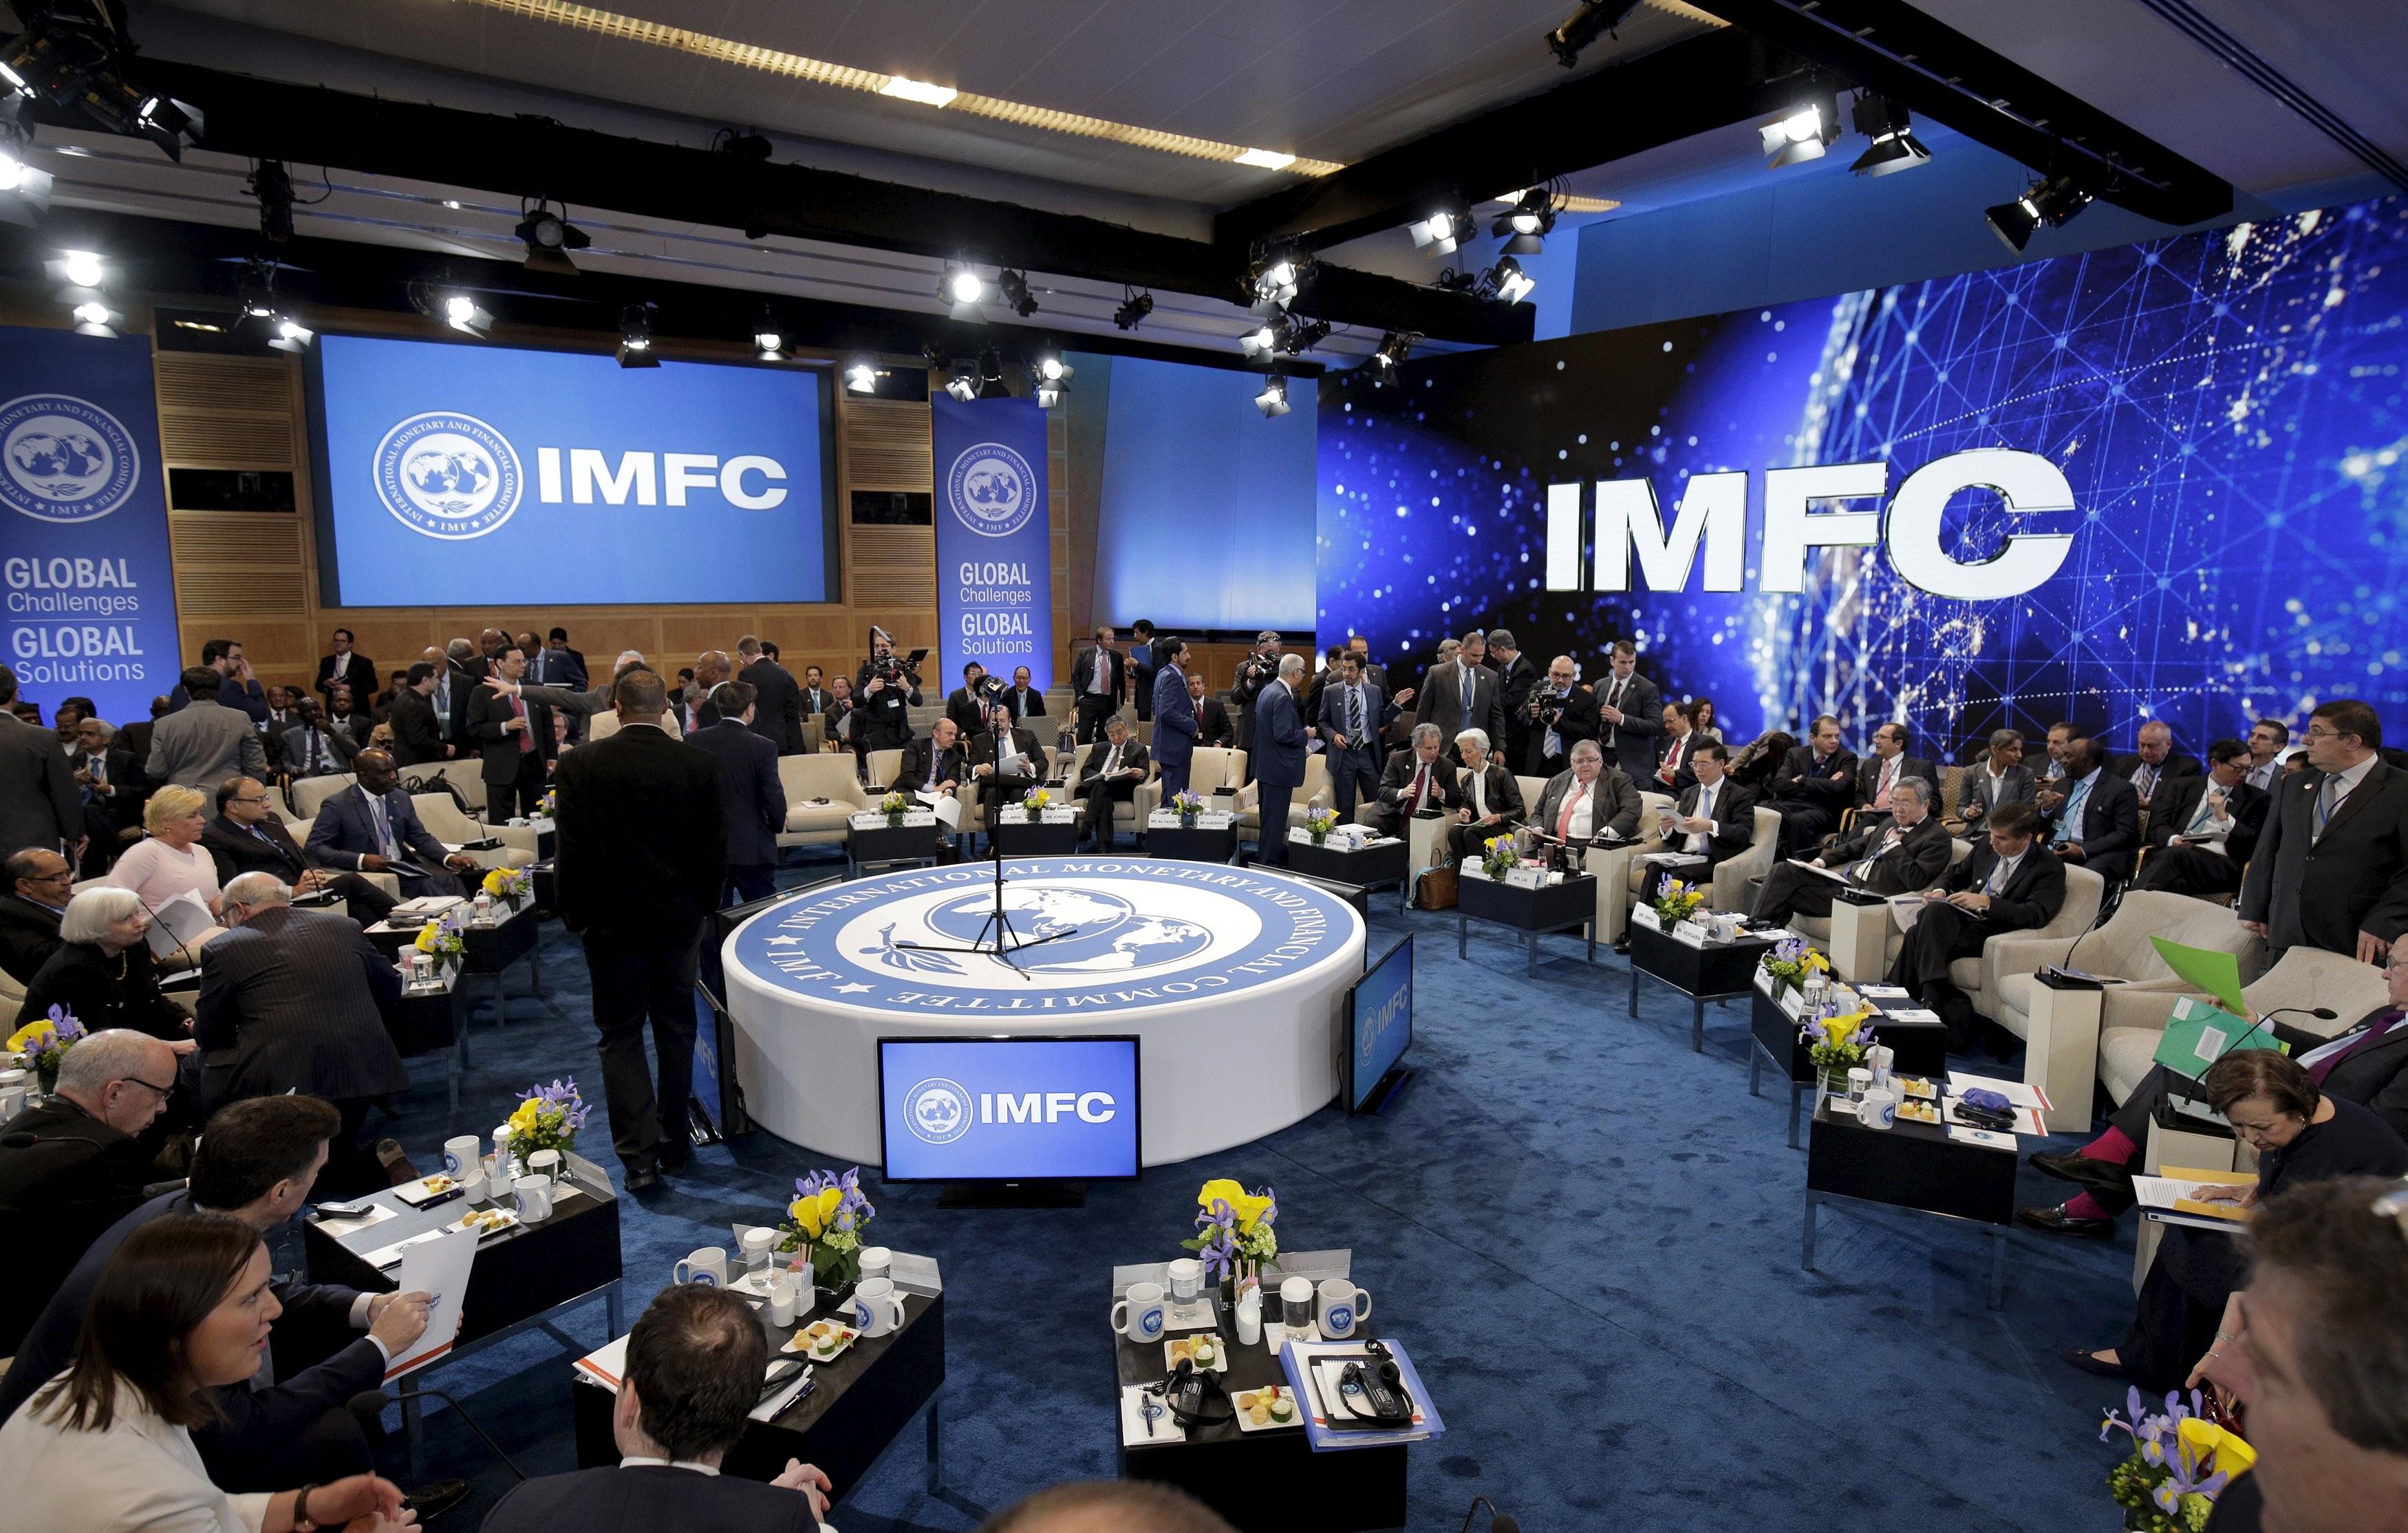 Саакашвили поведал о«поедании» кредитов МВФ вгосударстве Украина